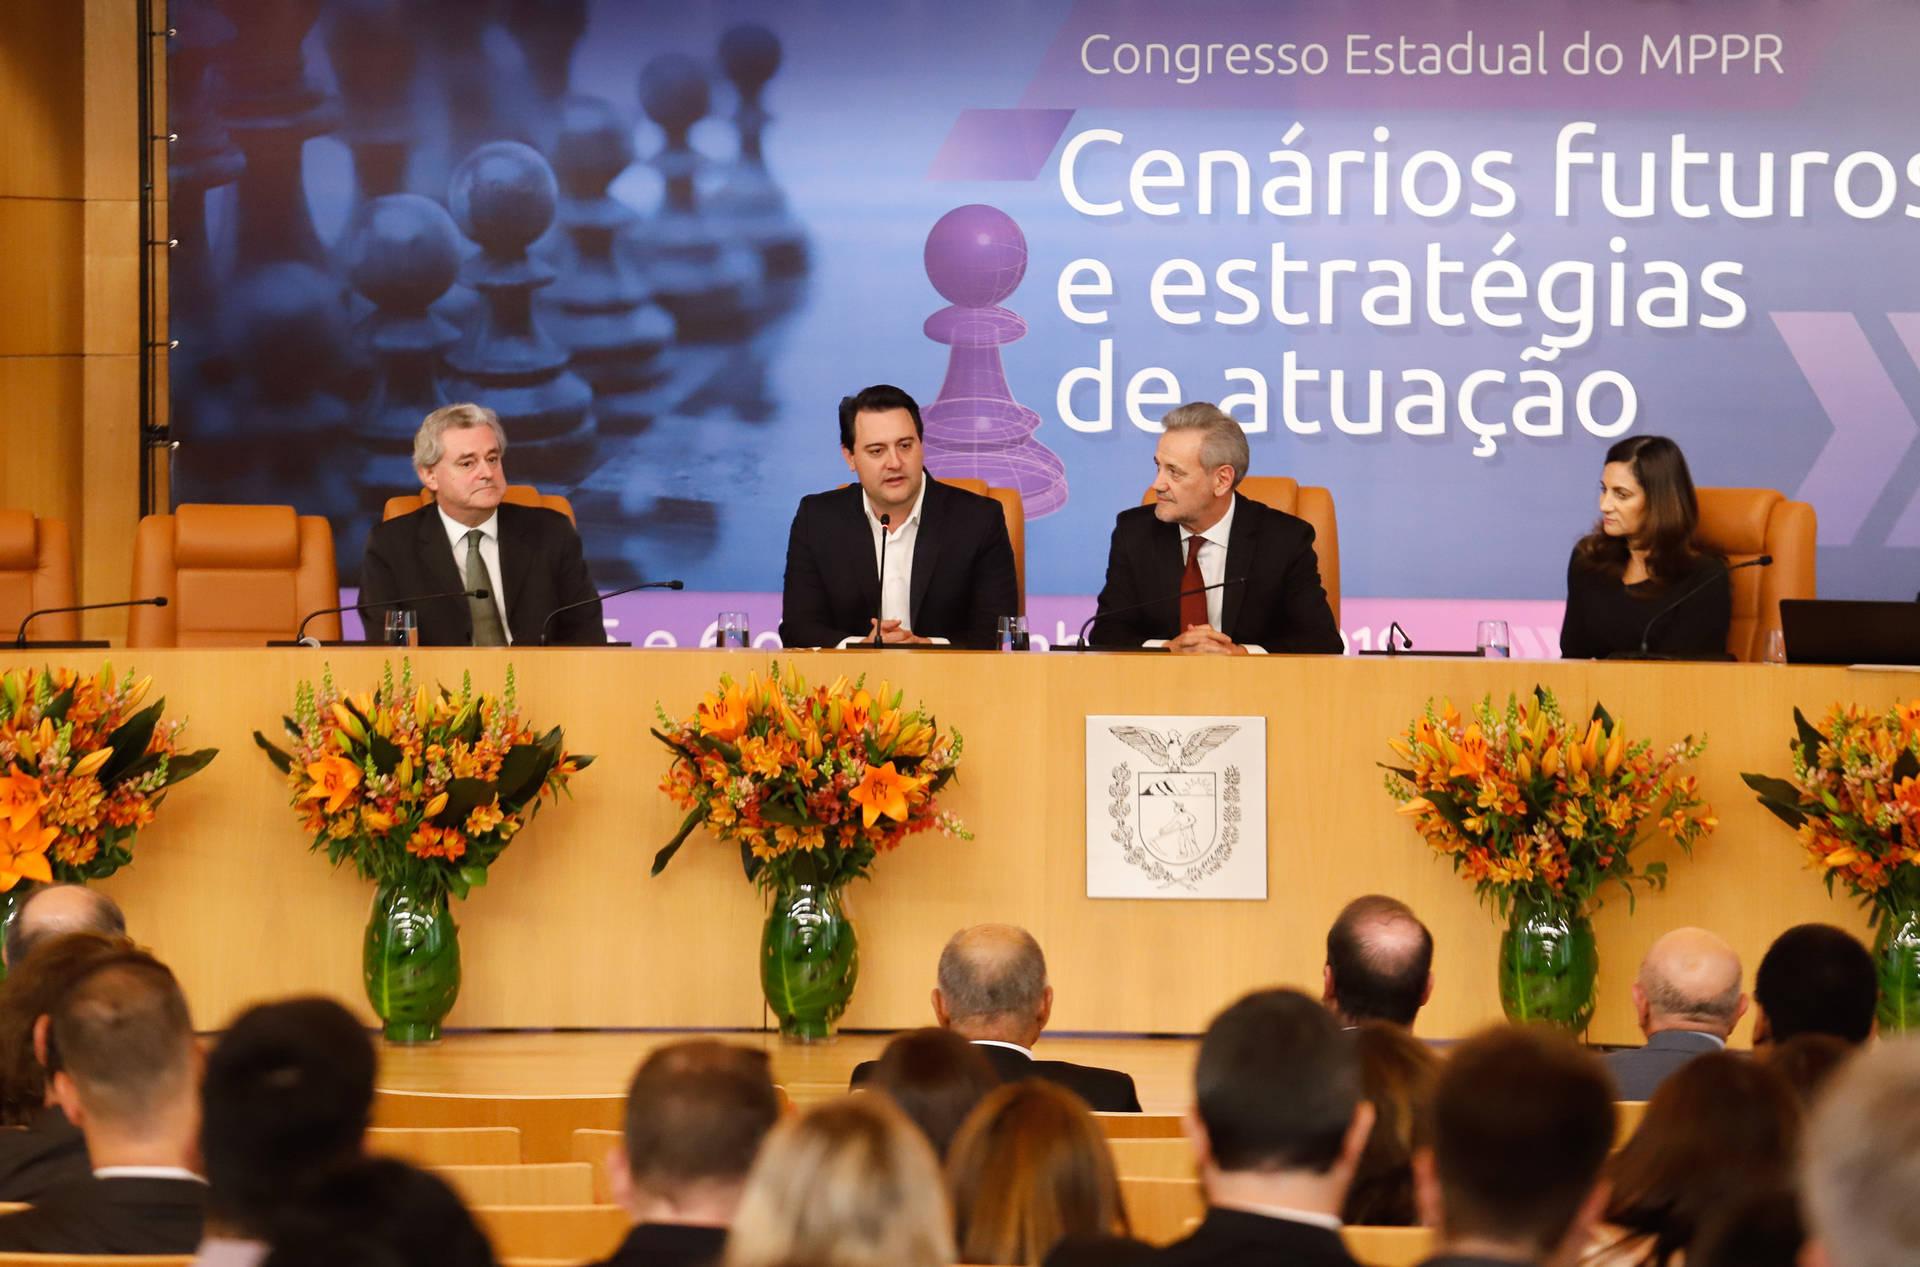 Afirmação foi feita pelo governador Ratinho Junior no Congresso Estadual do MPPR.